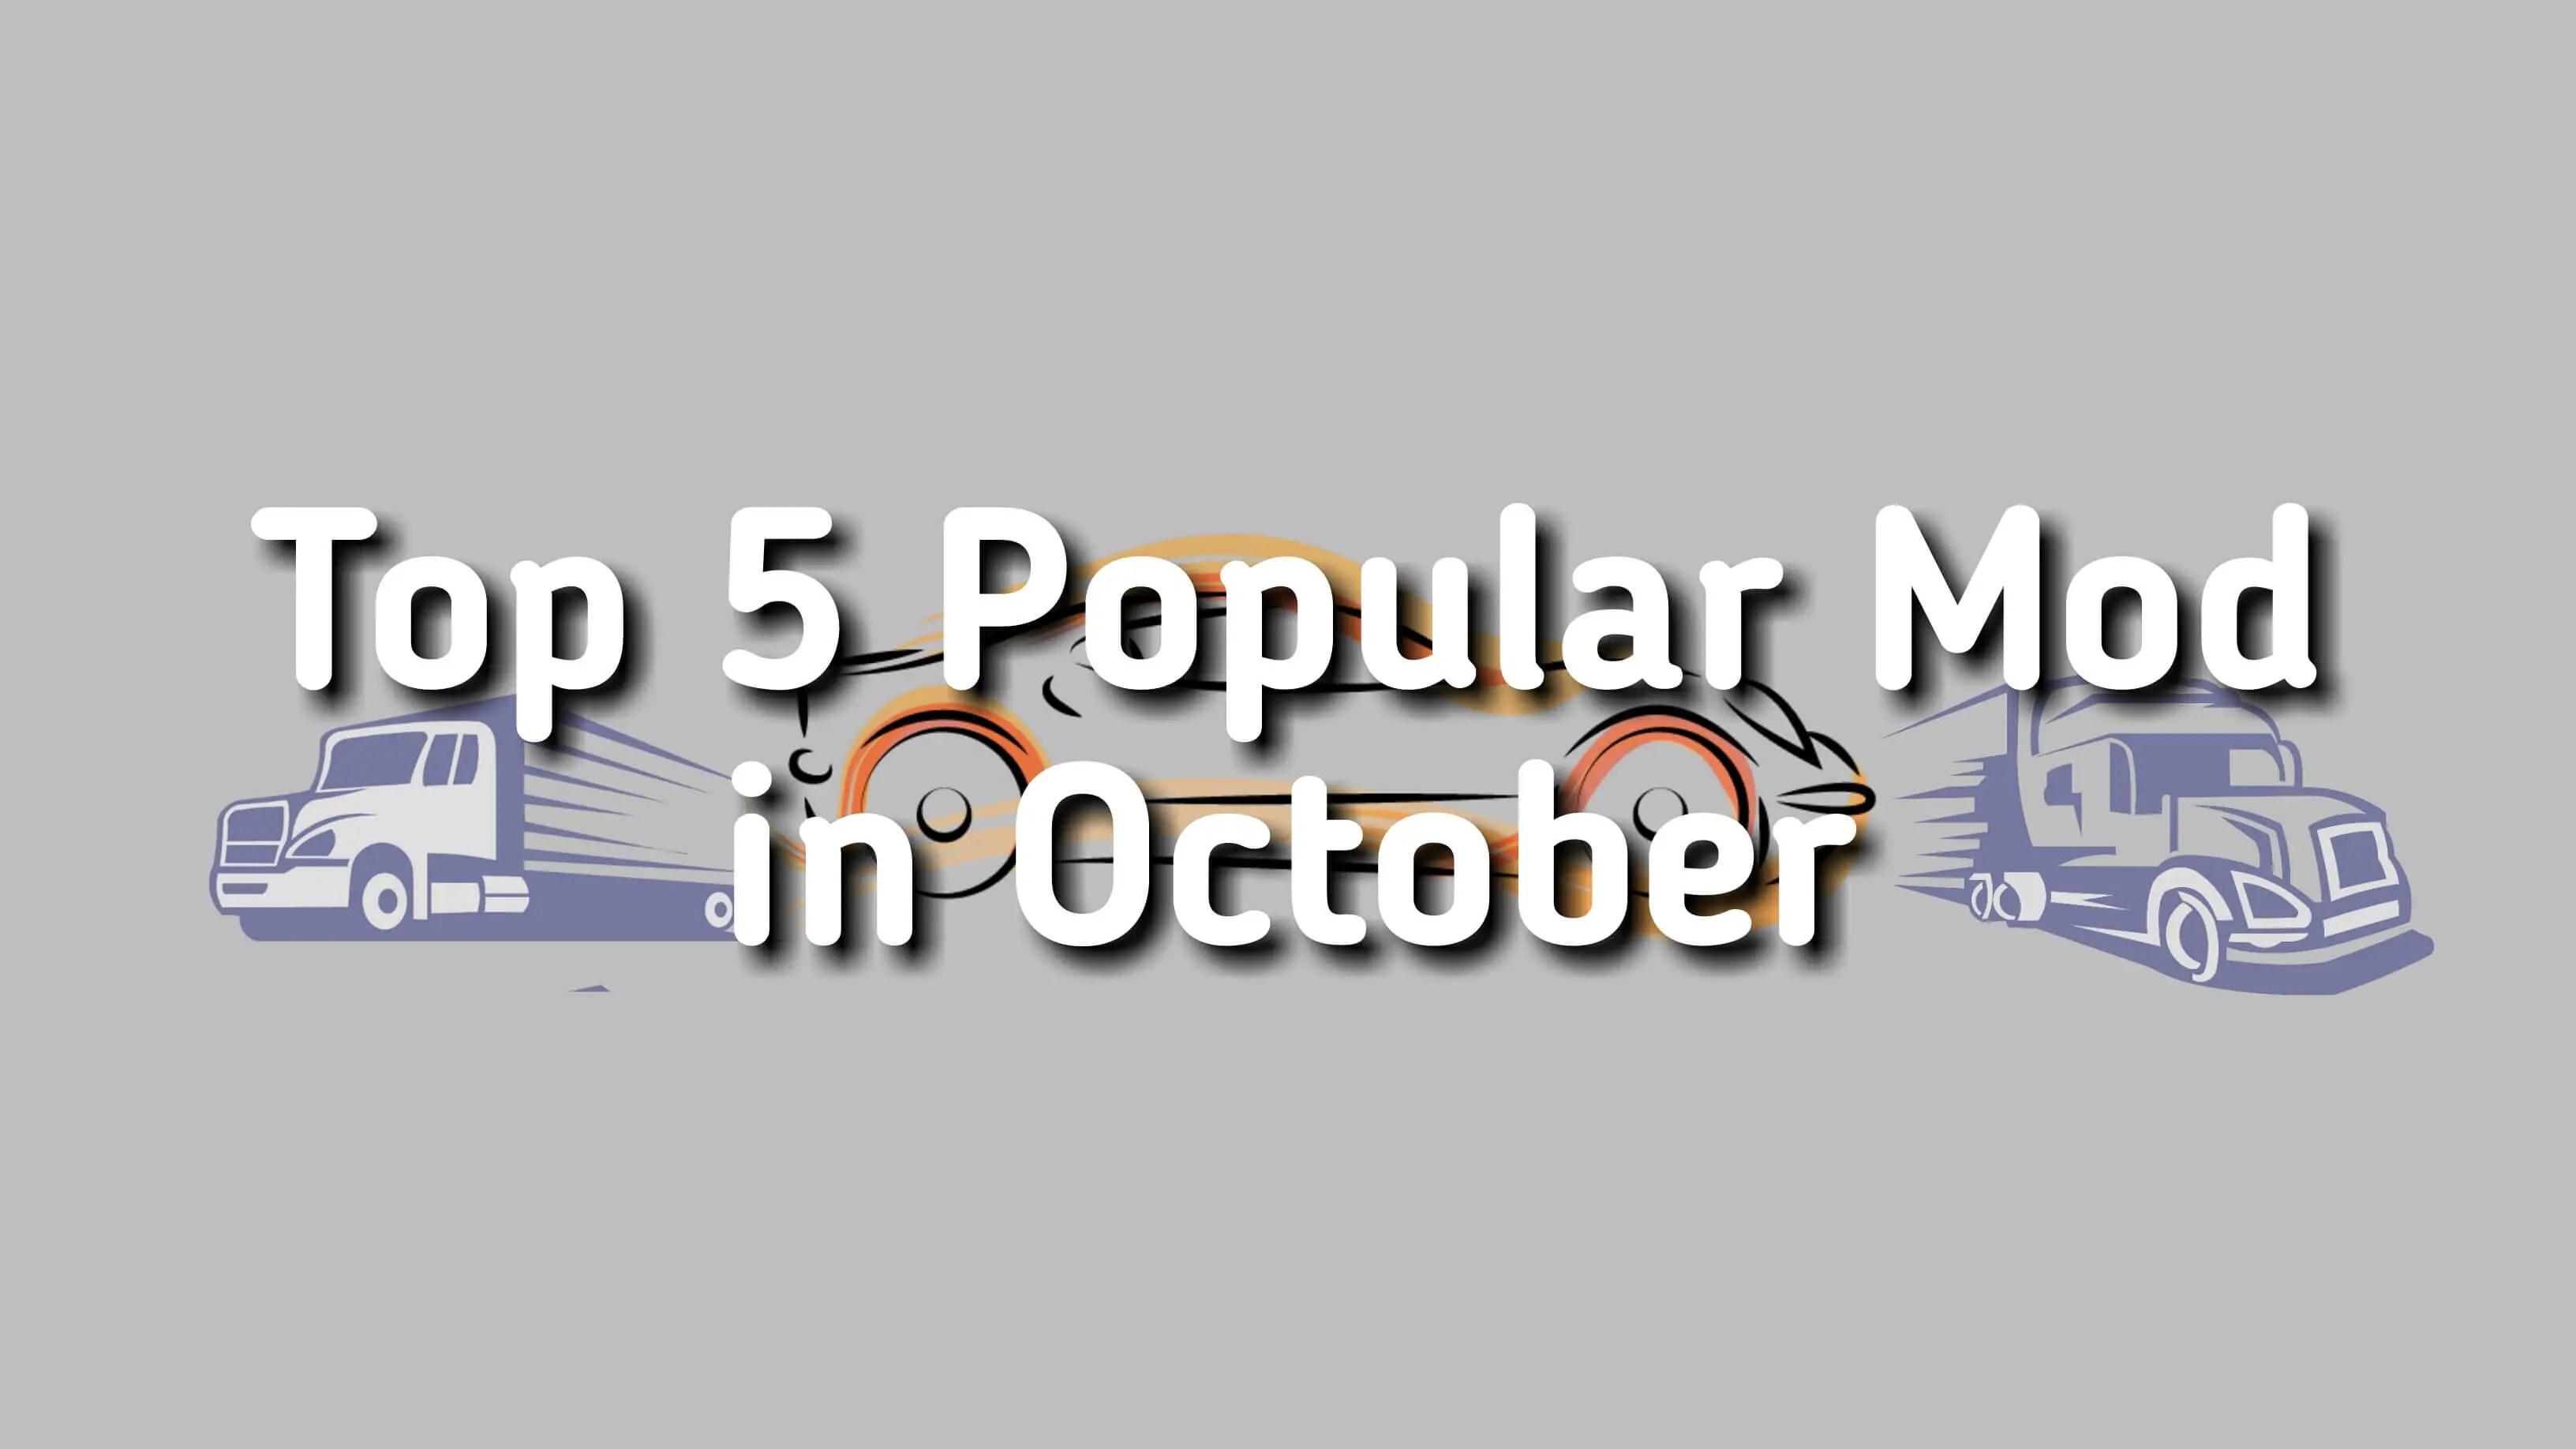 Top 5 Popular BUSSID Mod in October, Top 5 Popular BUSSID Mod, Top Best BUSSID Mod, Top 5 BUSSID Mod,